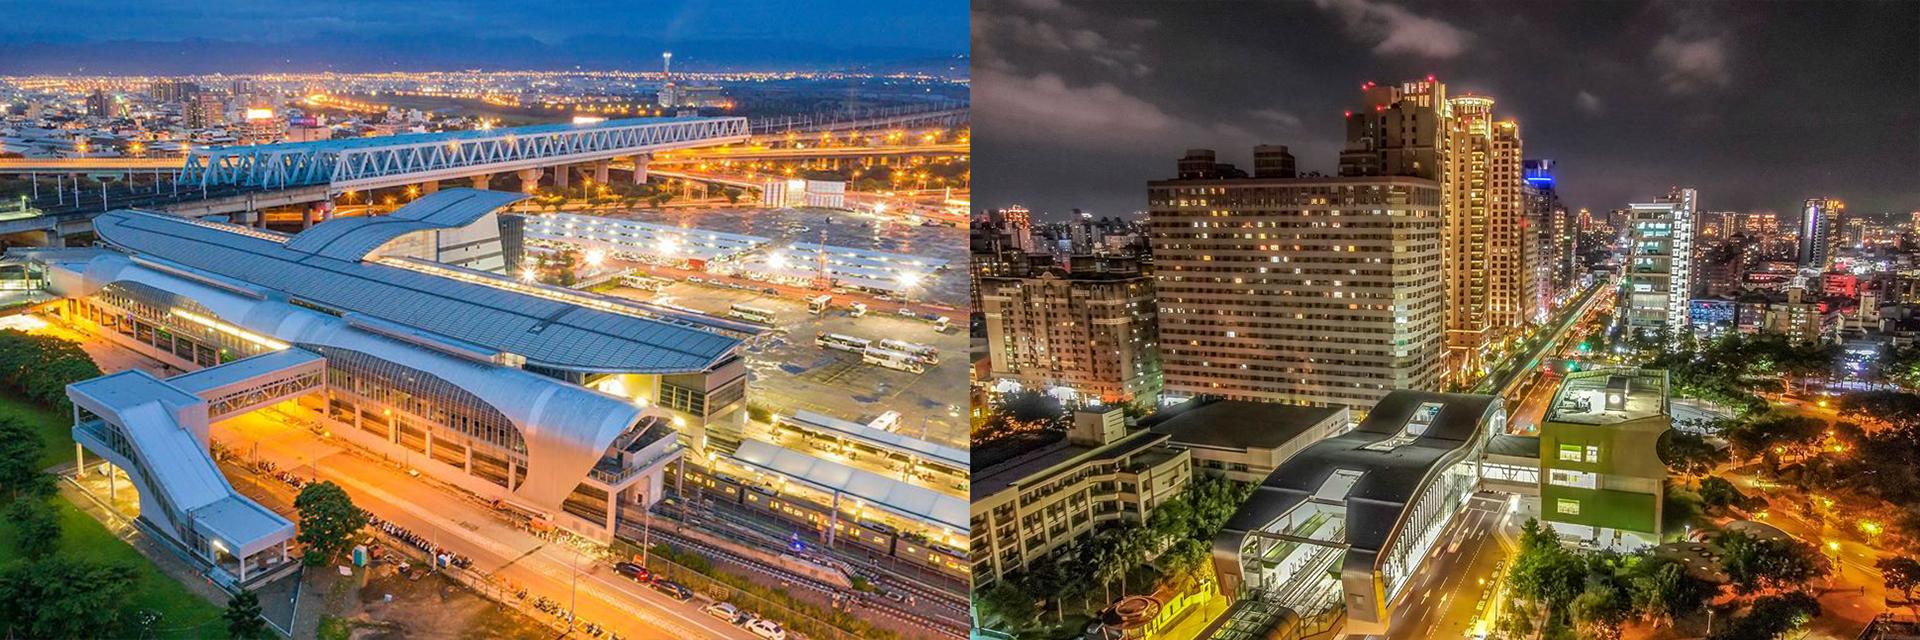 台中捷運夜景